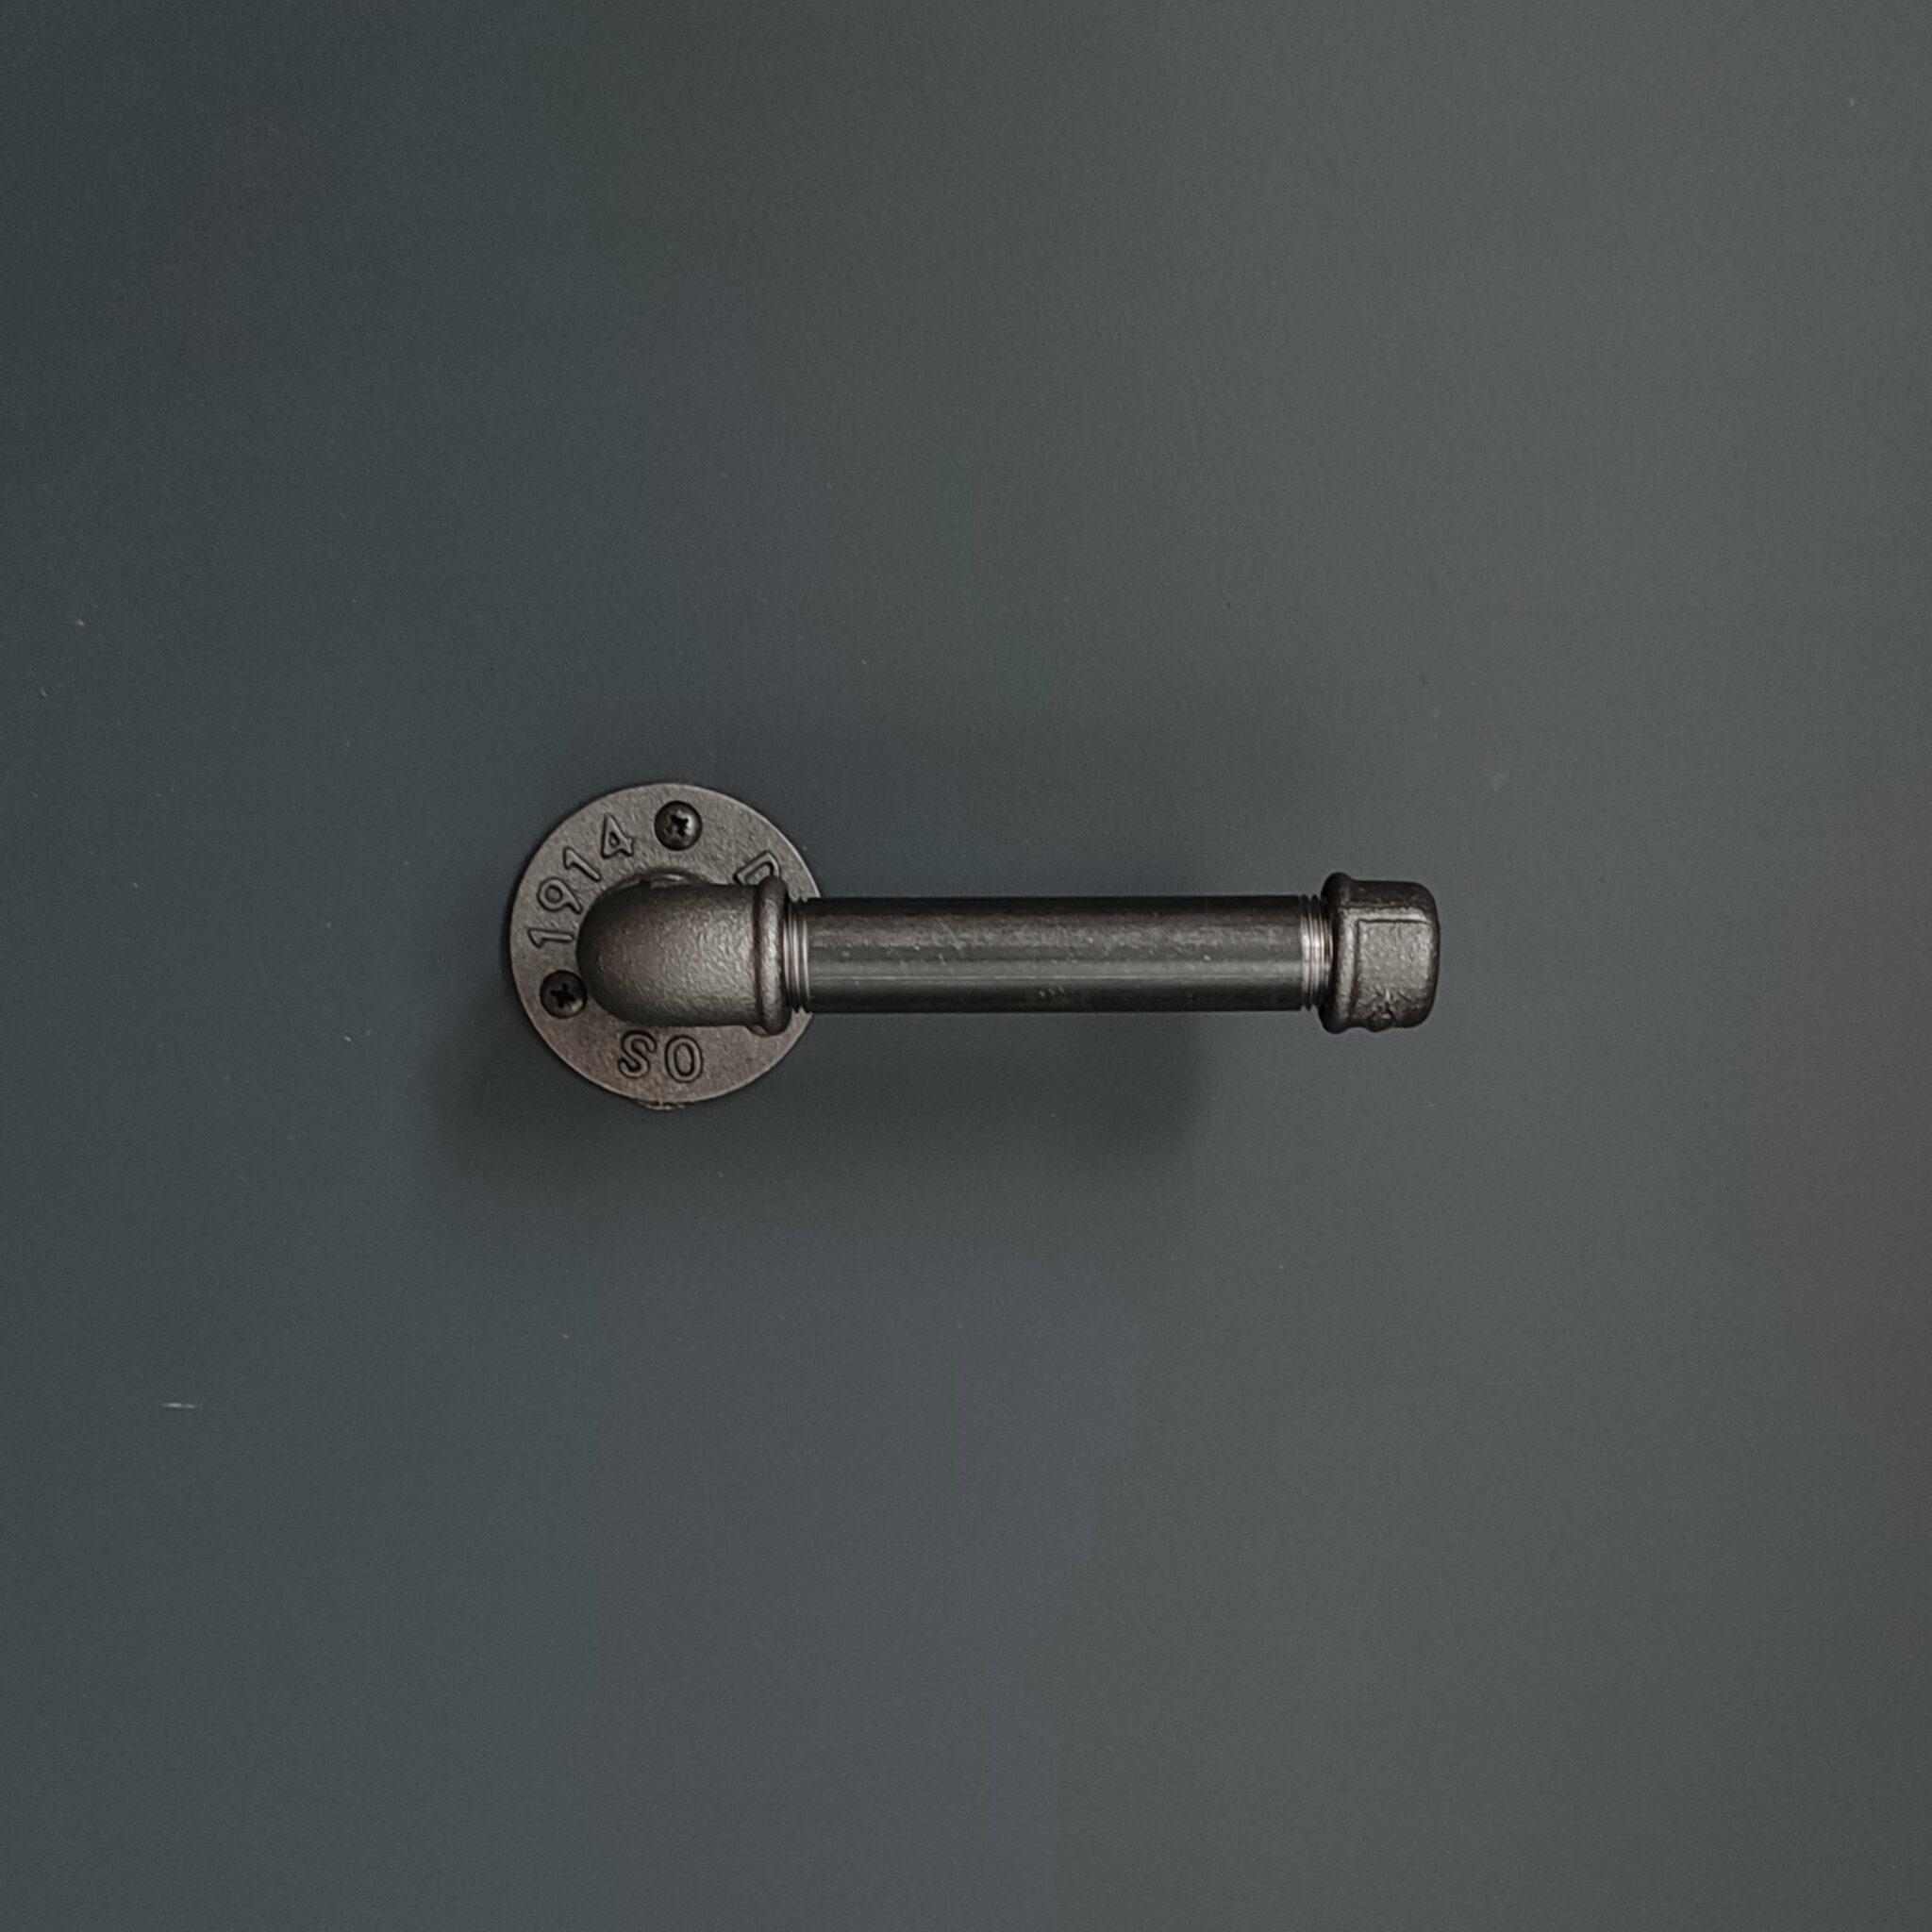 Porte rouleau WC – droit – Assemblé – MCFK0110012W1A00